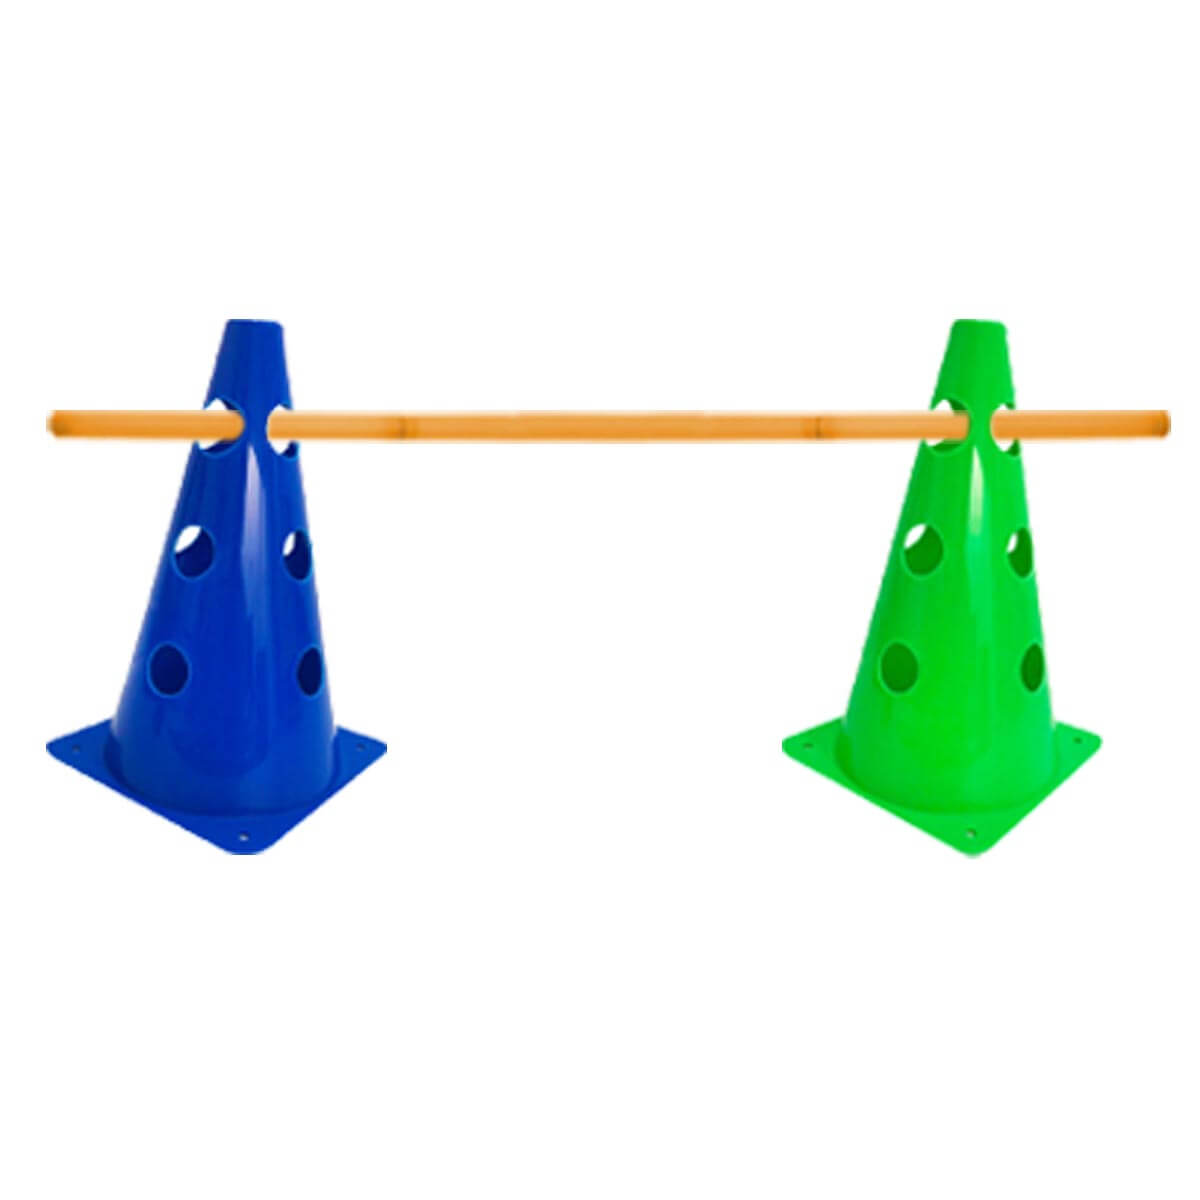 Kit Treinamento Funcional Cone Furado 23cm + Barreira 90cm